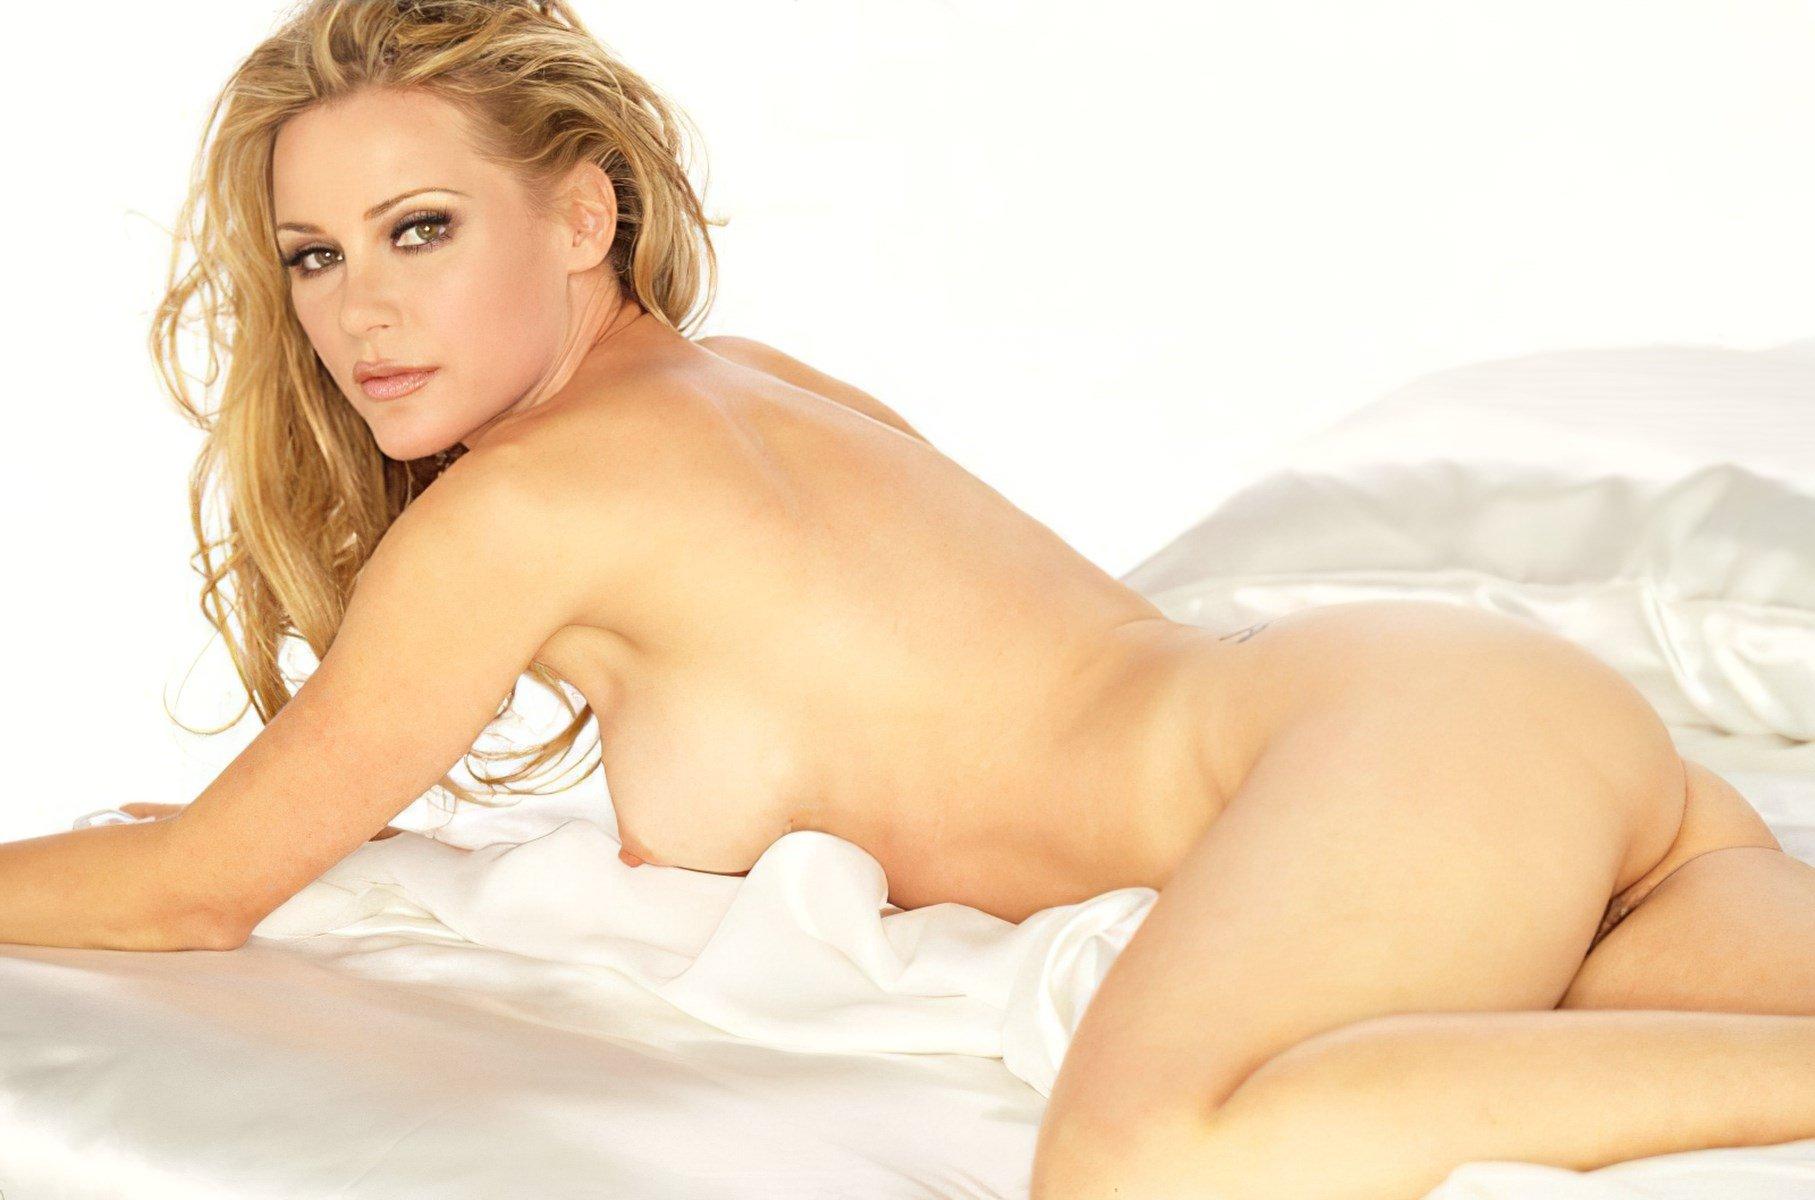 Michelle pfeiffer nude photos